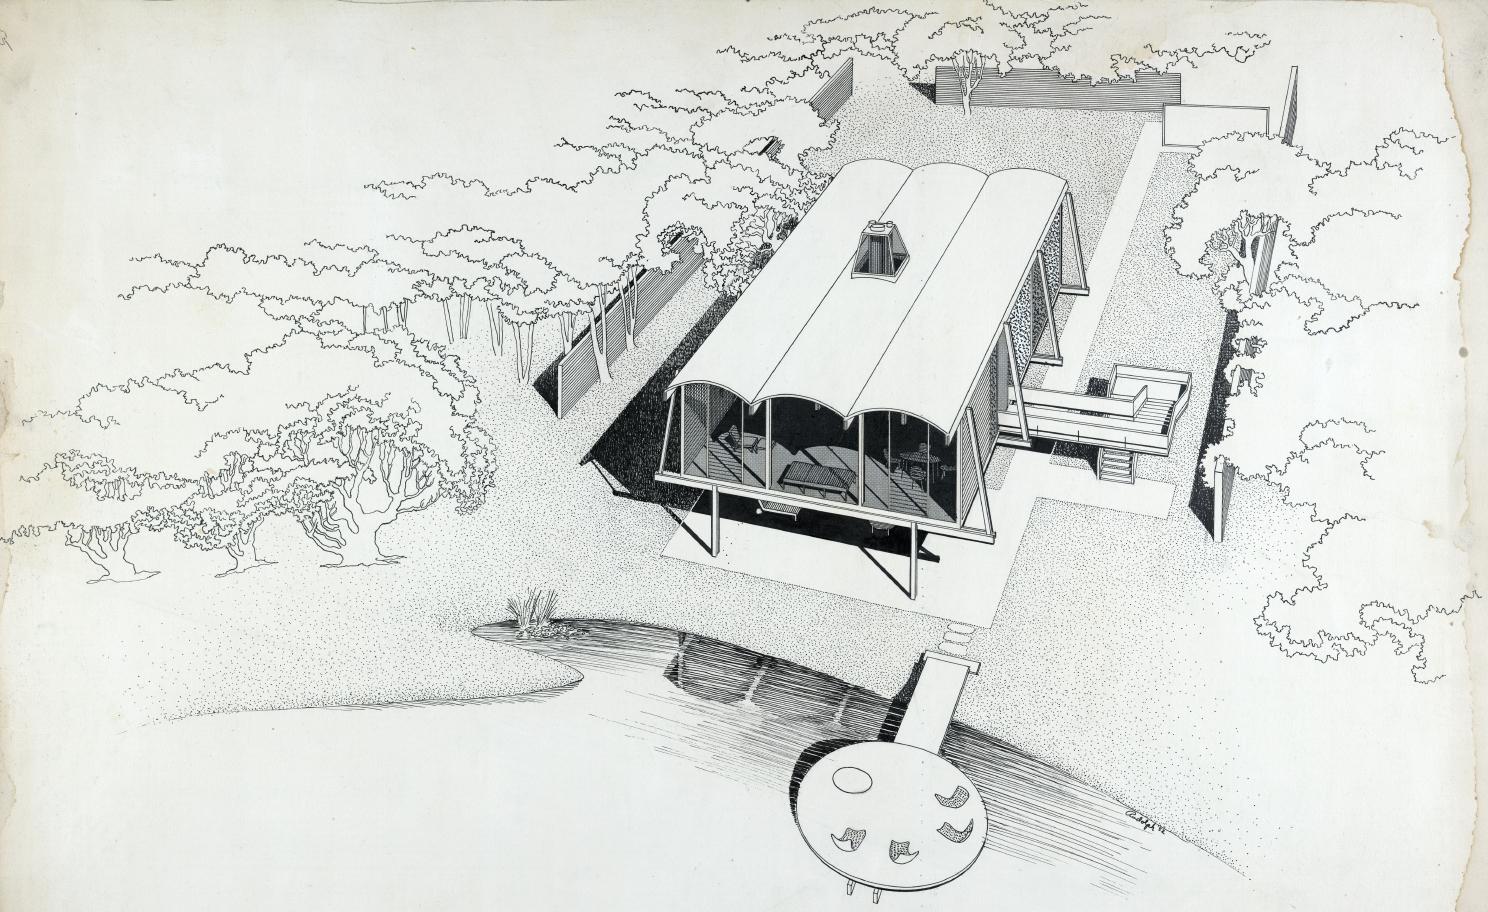 Hook guest house, Siesta Key, Florida. Bird's-eye View Perspective Rendering. 1952.